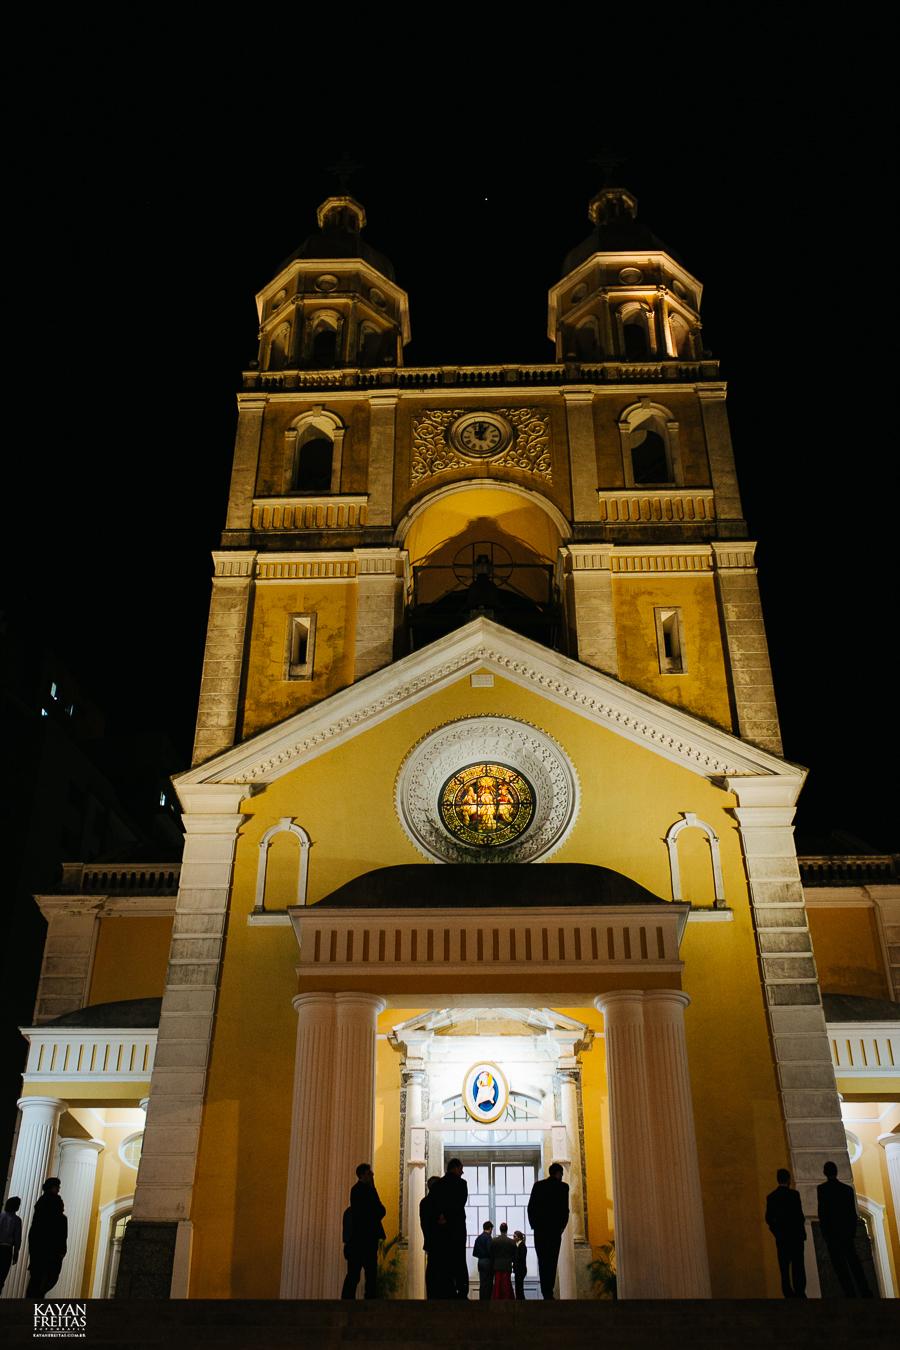 casamento-catedral-pea-0054